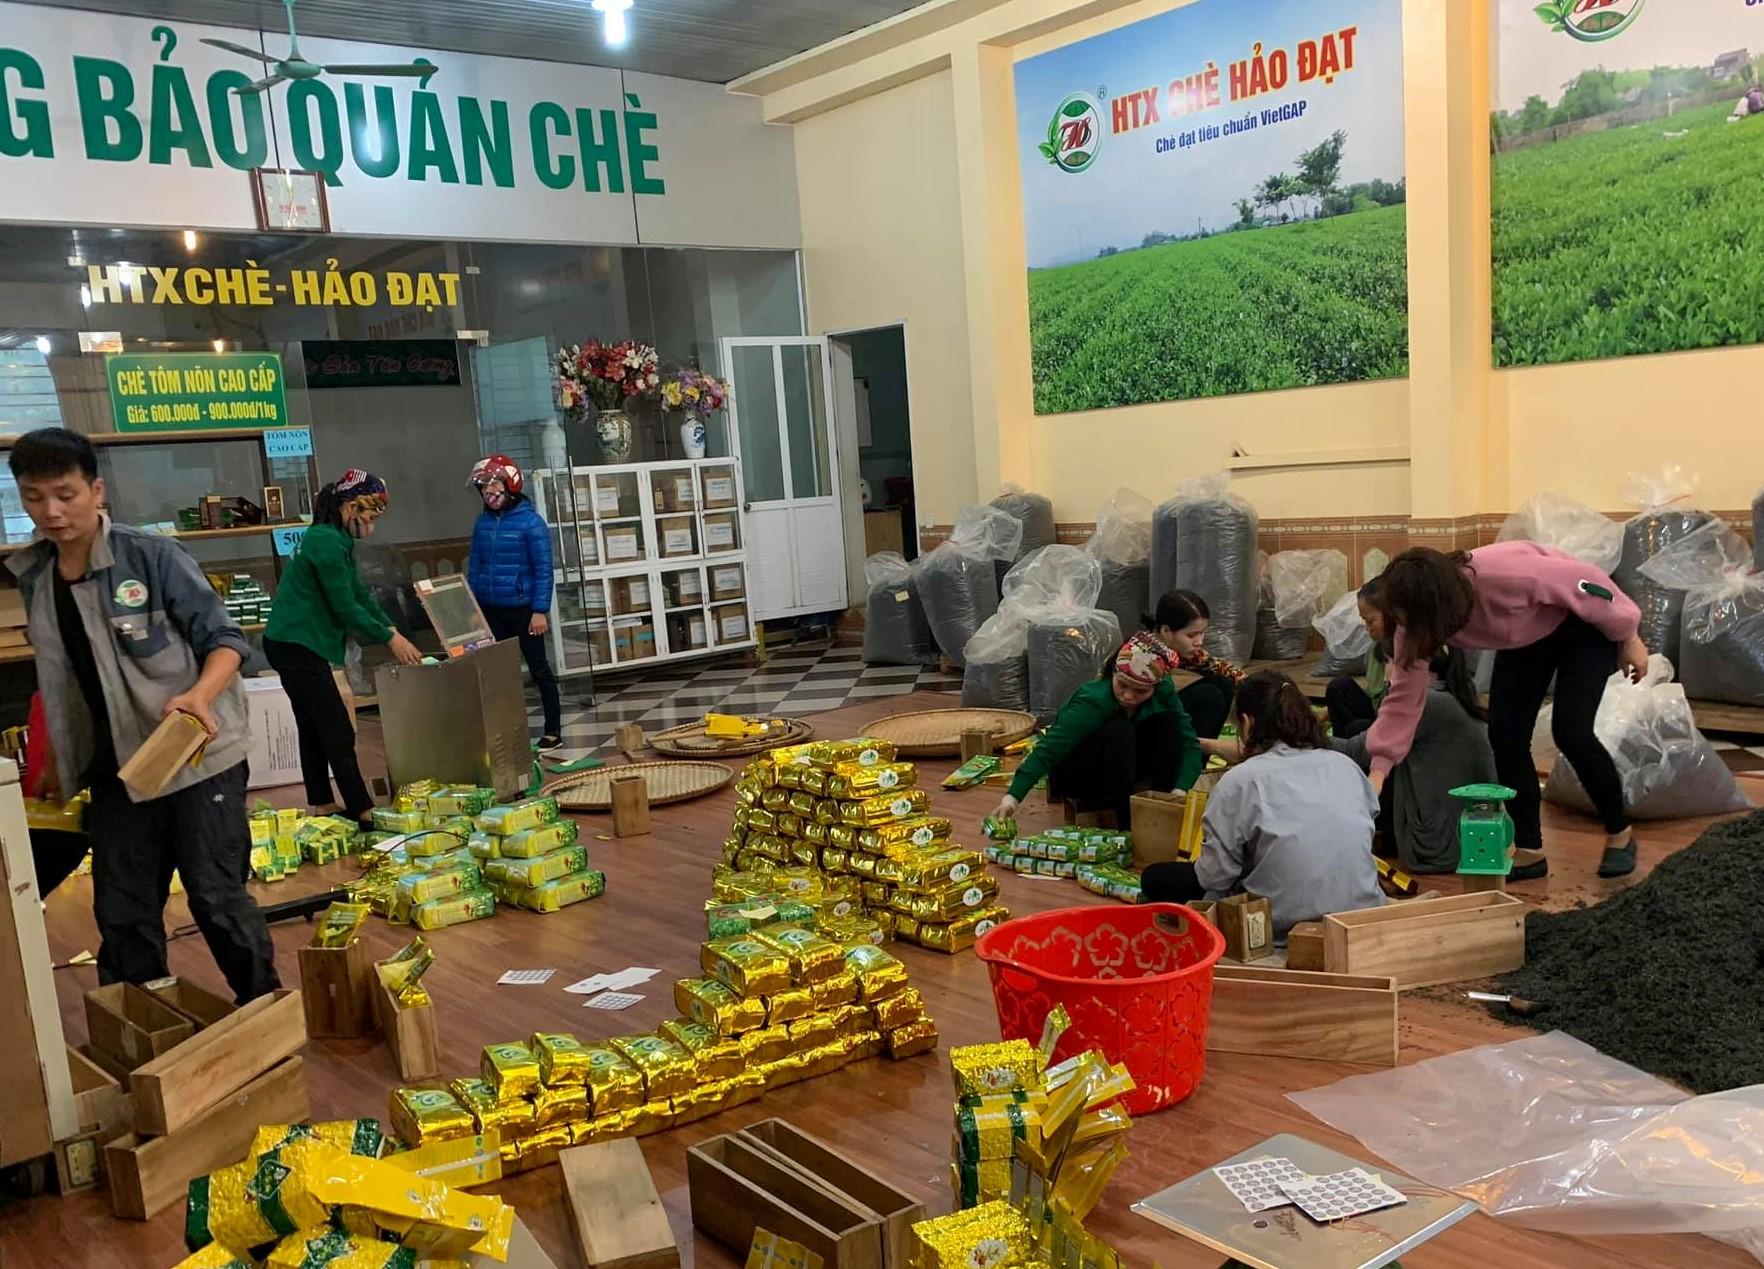 HTX chè Hảo Đạt giúp giải quyết việc làm cho nhiều lao động địa phương